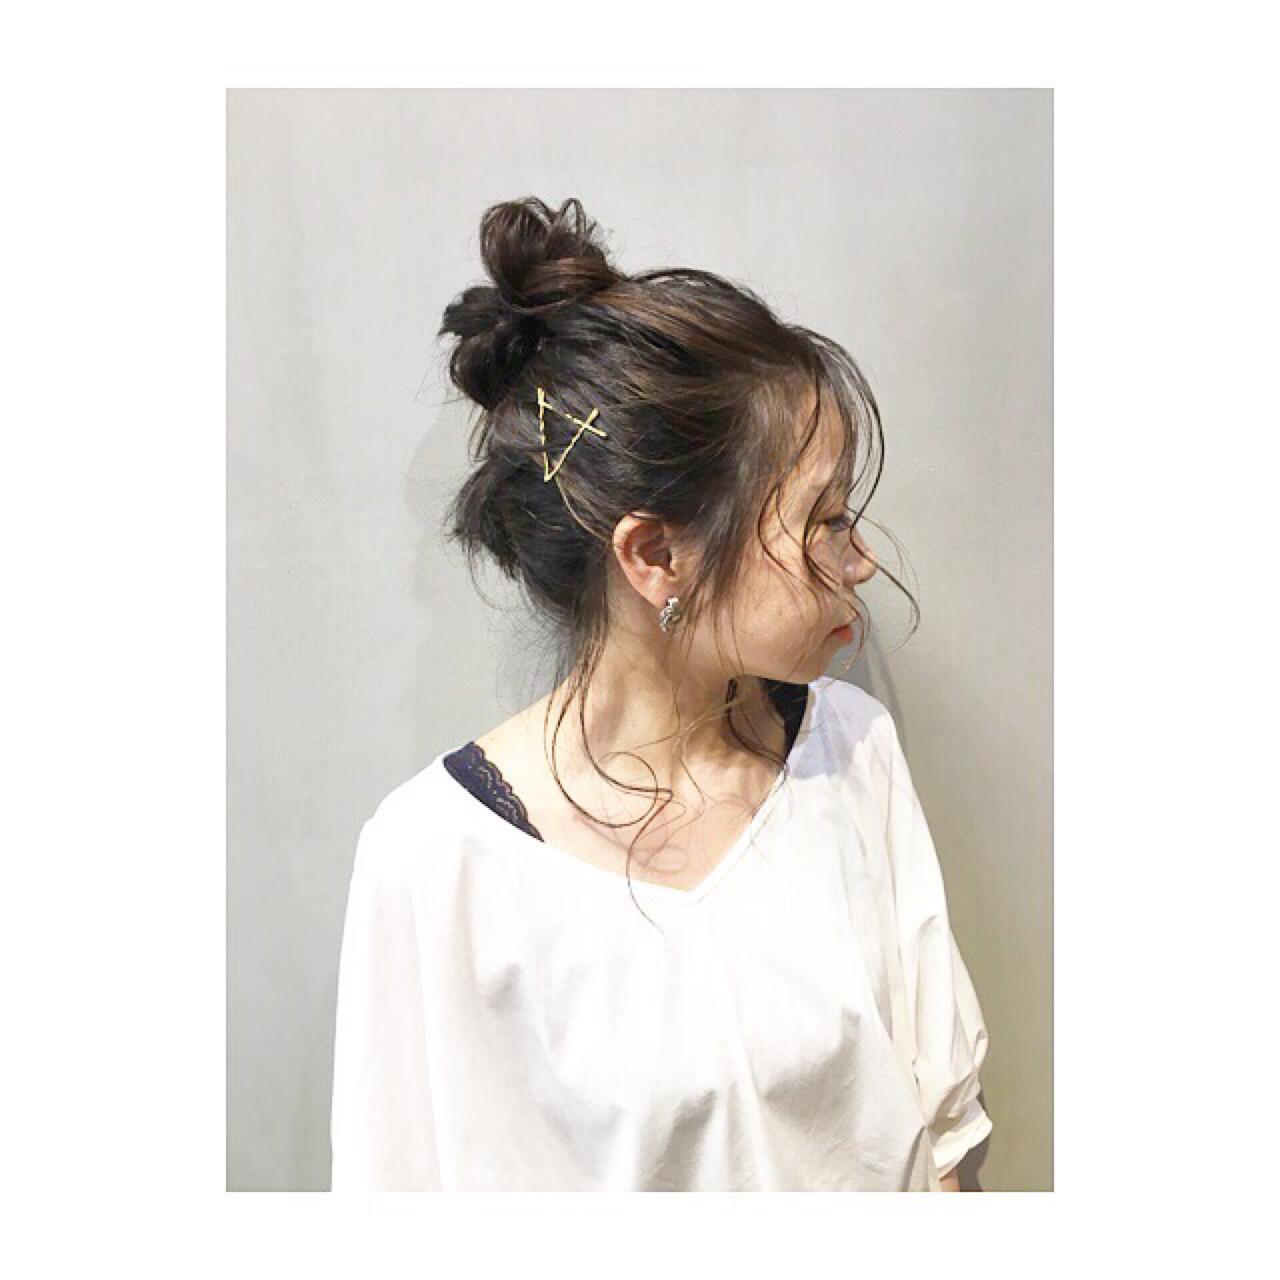 前髪なしお団子ヘアで大人っぽ♡ COM PASS タイチ